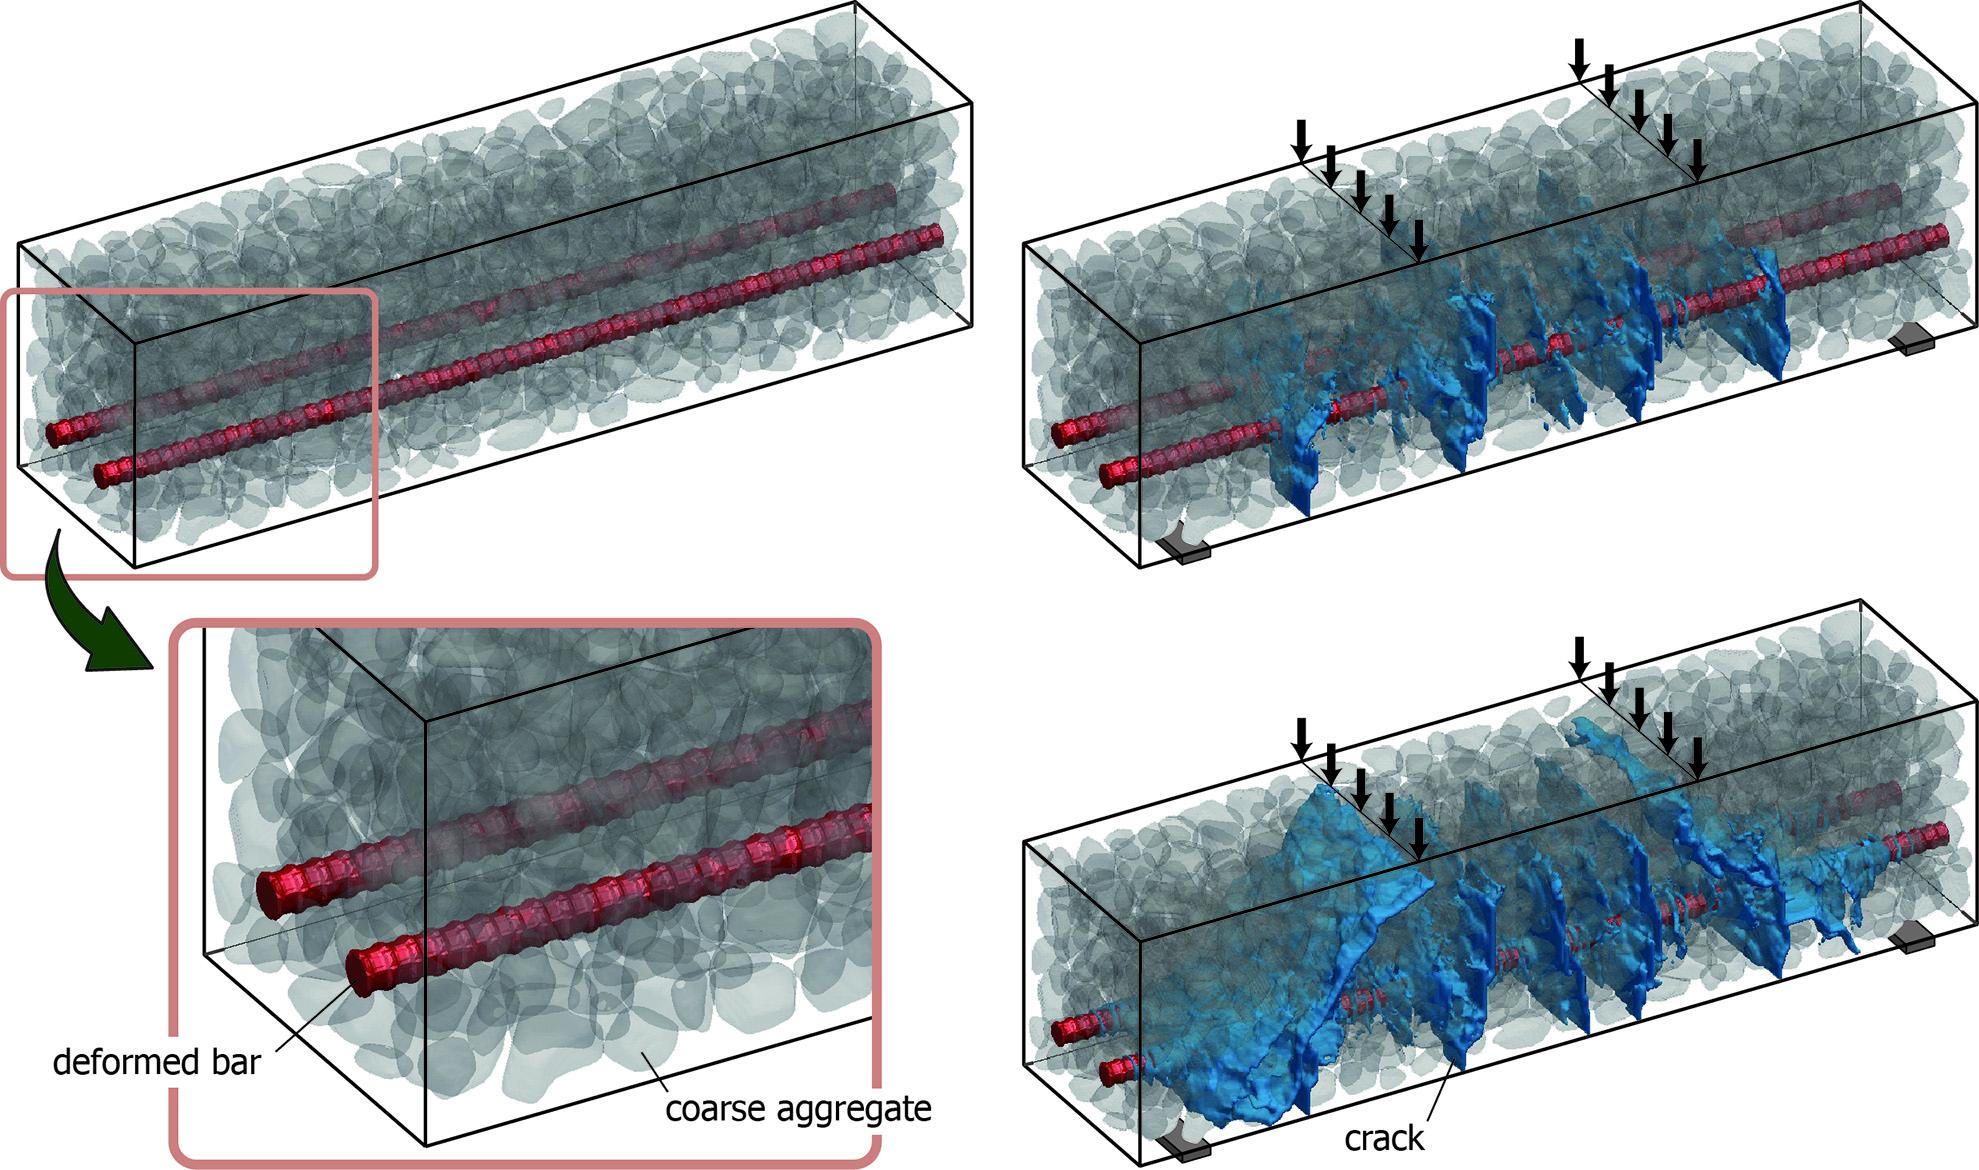 シミュレーション結果の可視化